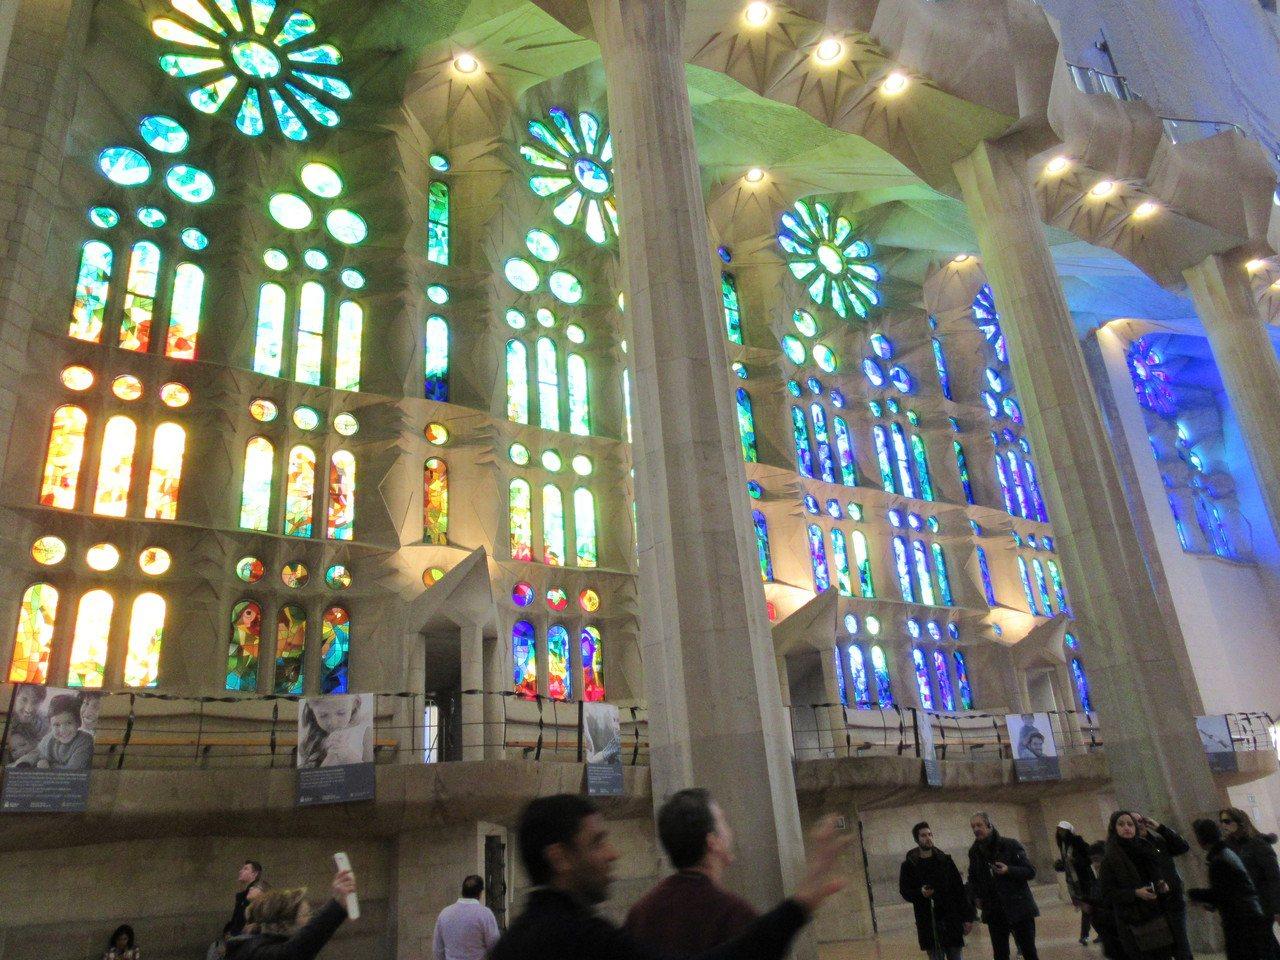 聖家堂內部光線明亮,遊客在教堂內就可透過圖案讀到聖經內故事。特派記者蕭白雪/攝影